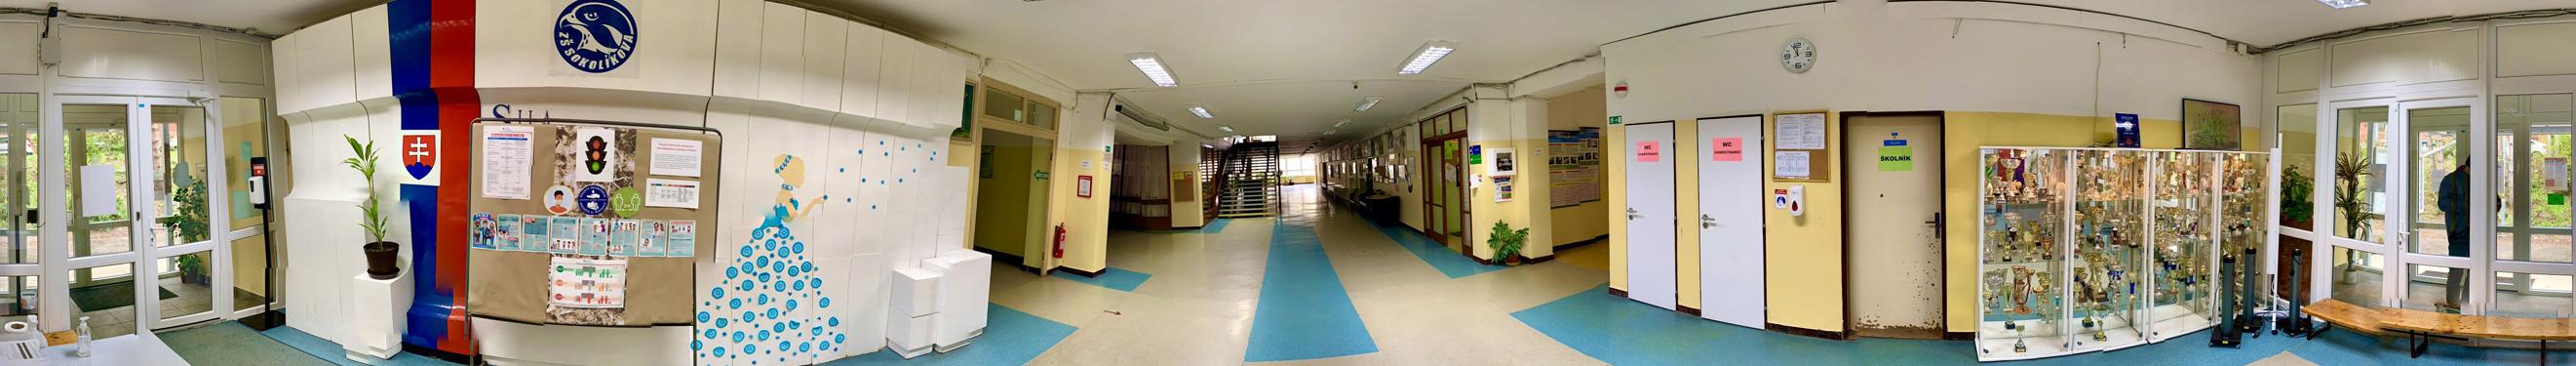 Vstup do školy